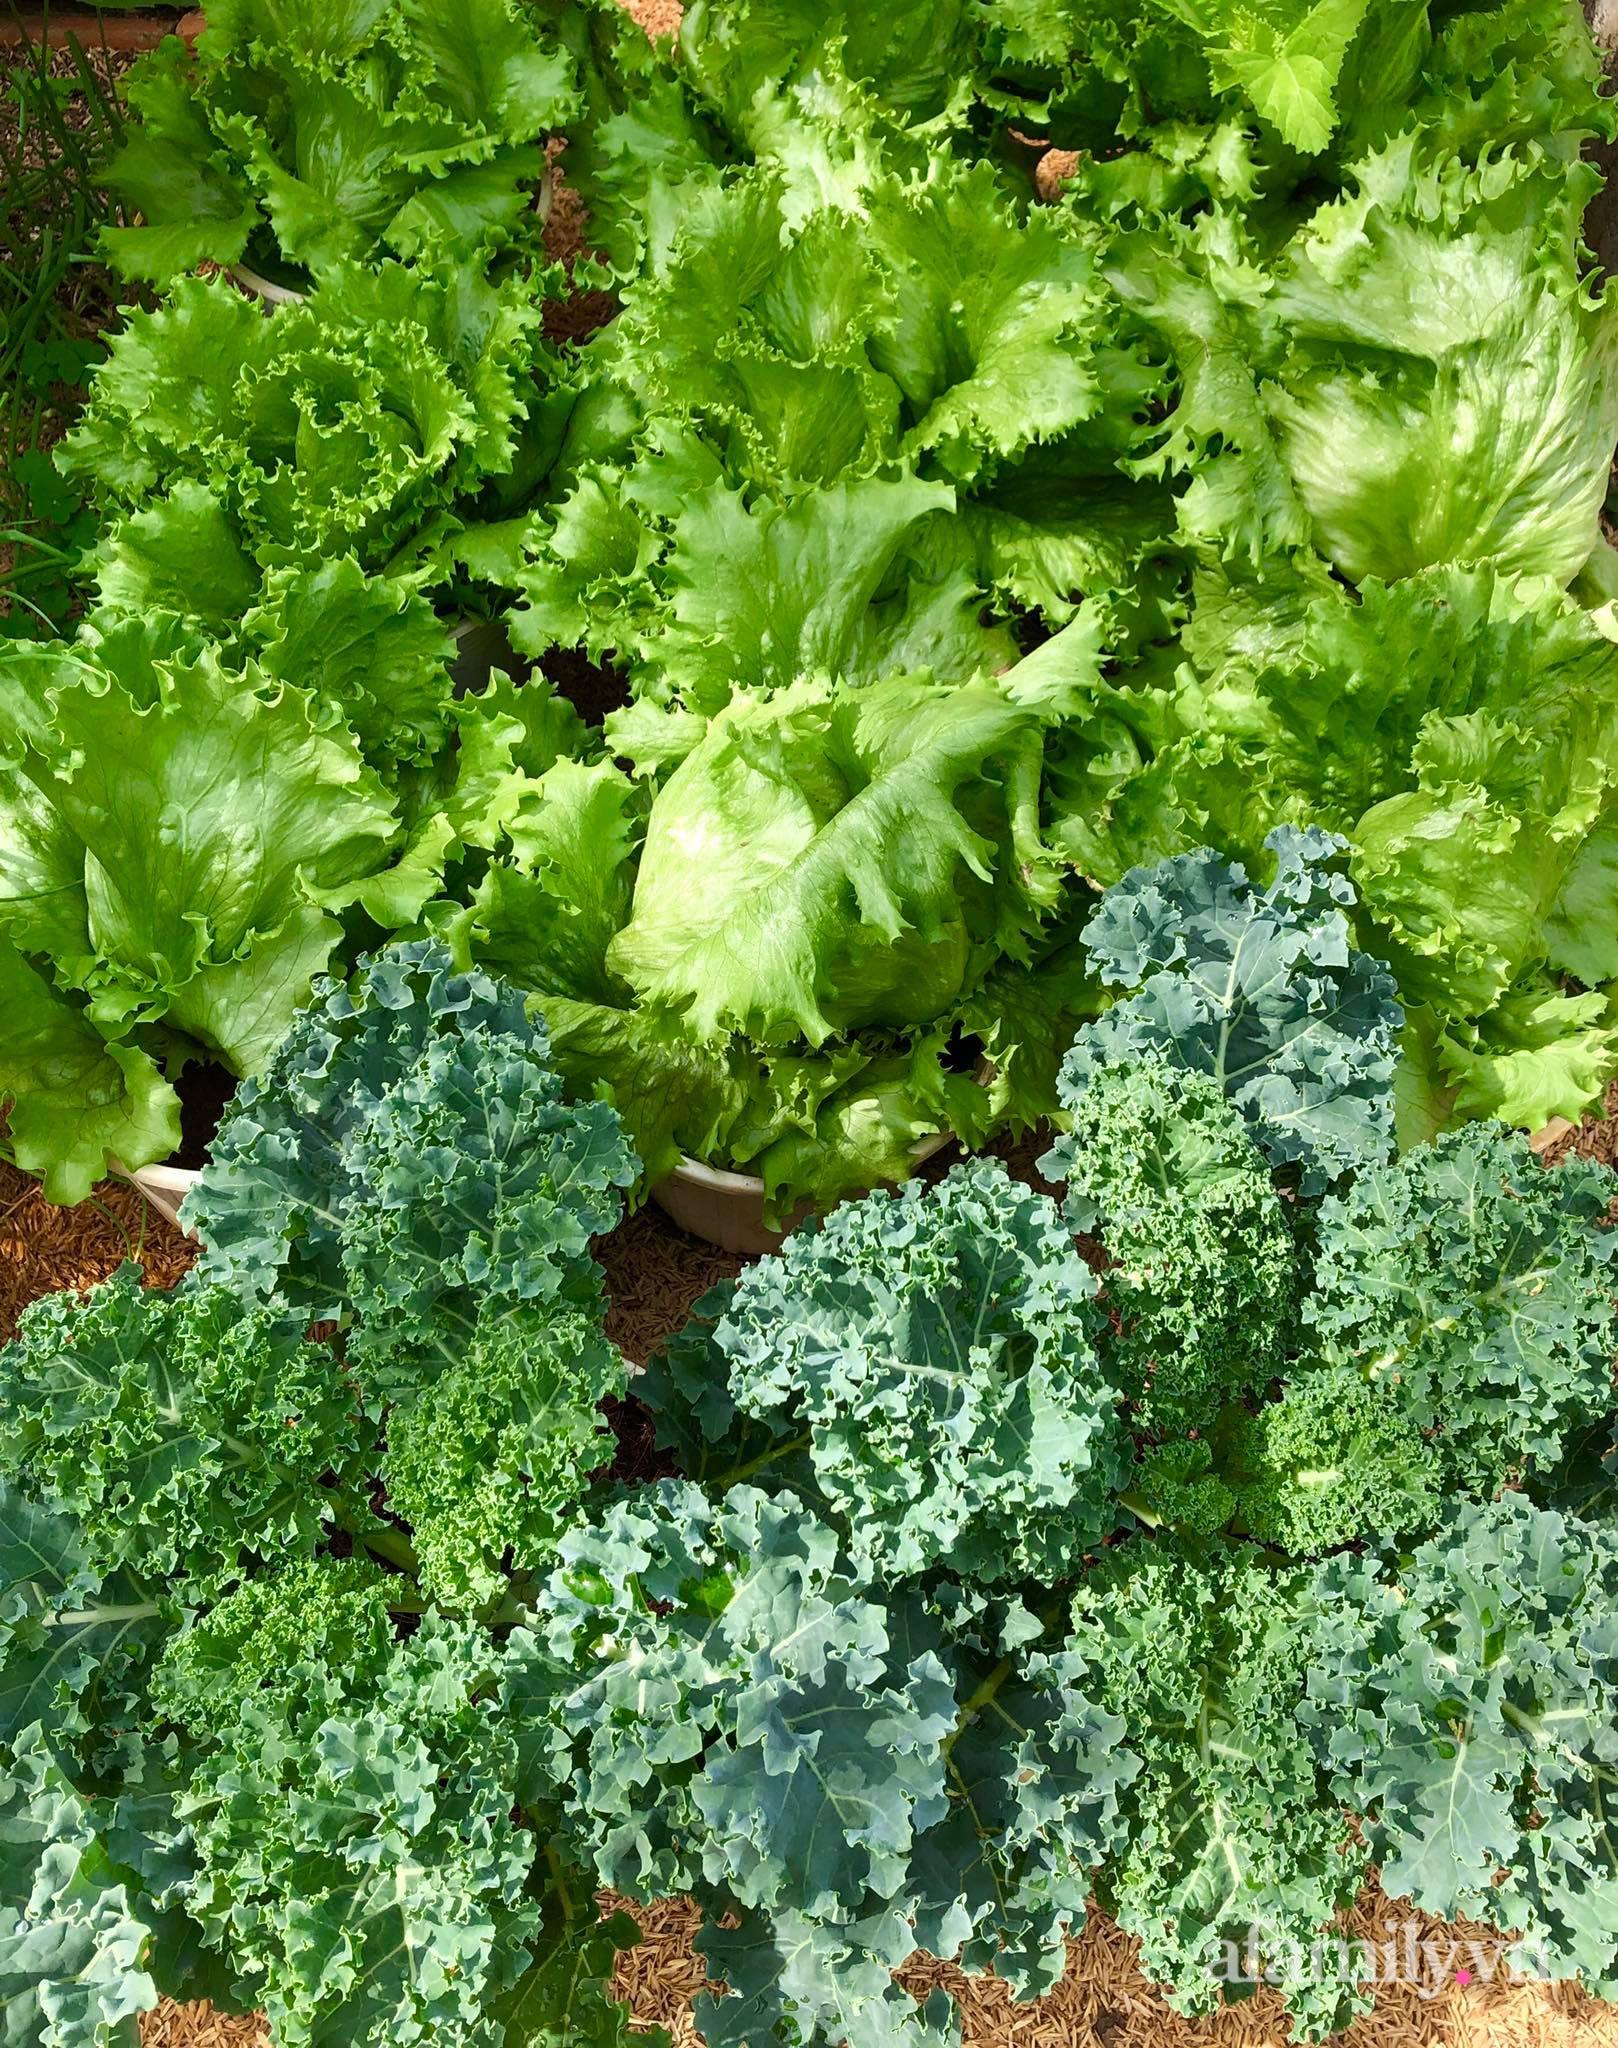 Khu vườn 70m² xanh mát rau quả quanh năm nhờ mẹ đảm mát tay ở Huế - Ảnh 5.